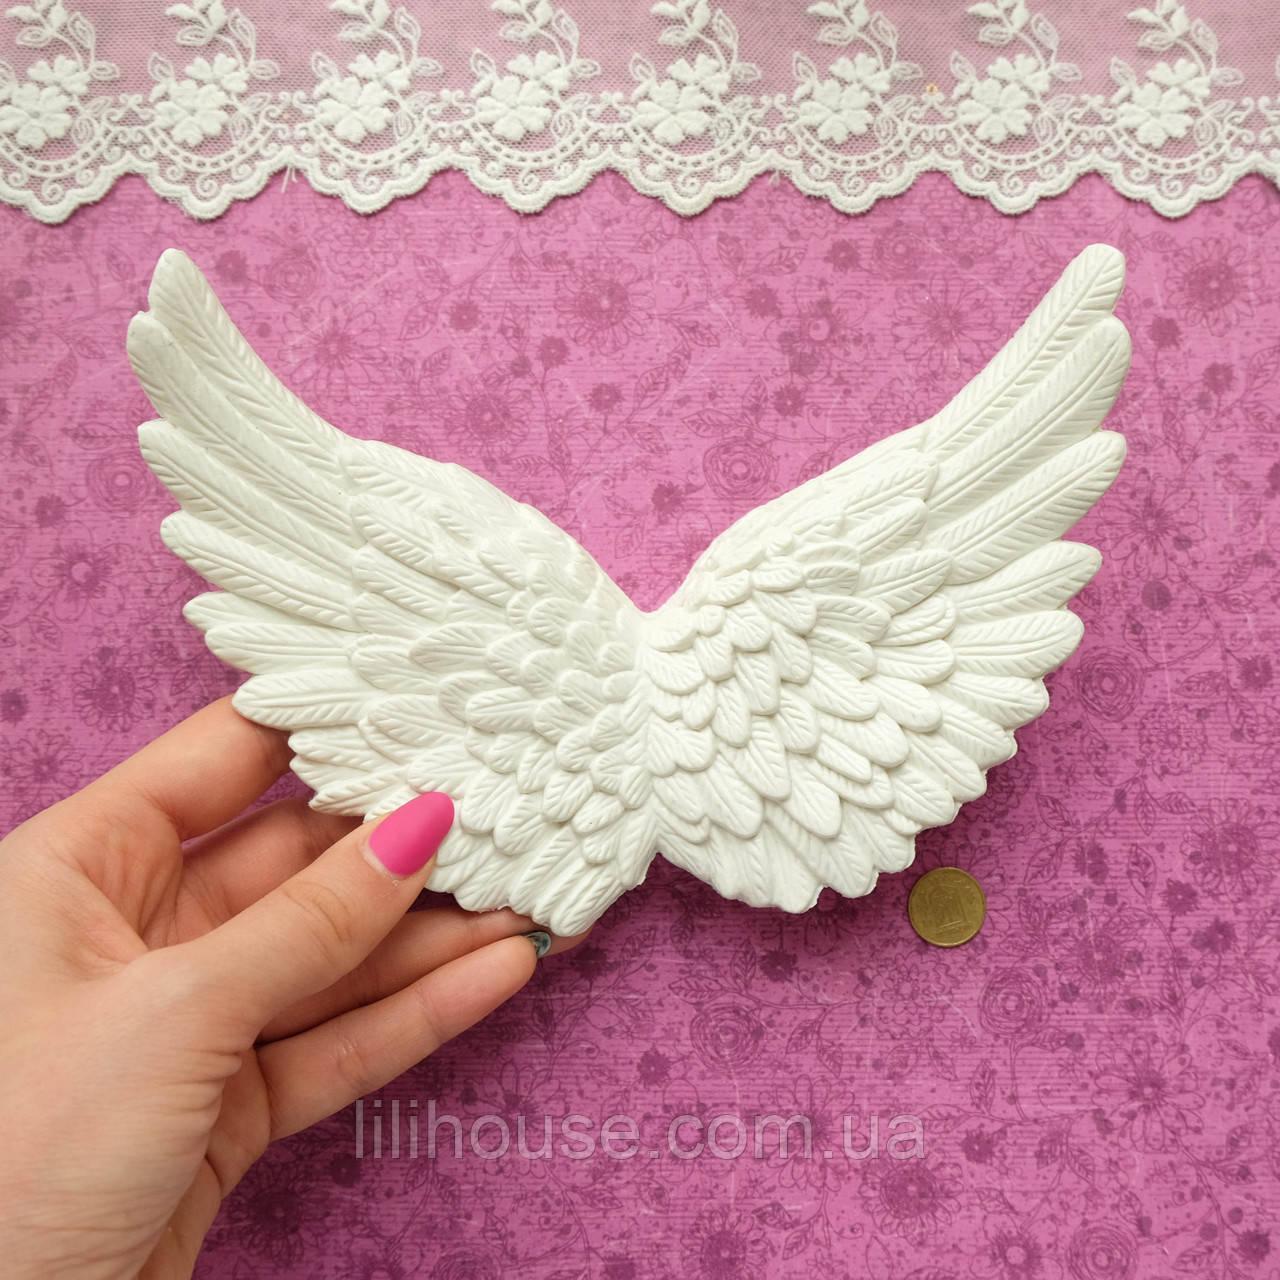 Крылья серо-белые, 18*12.5*3 см